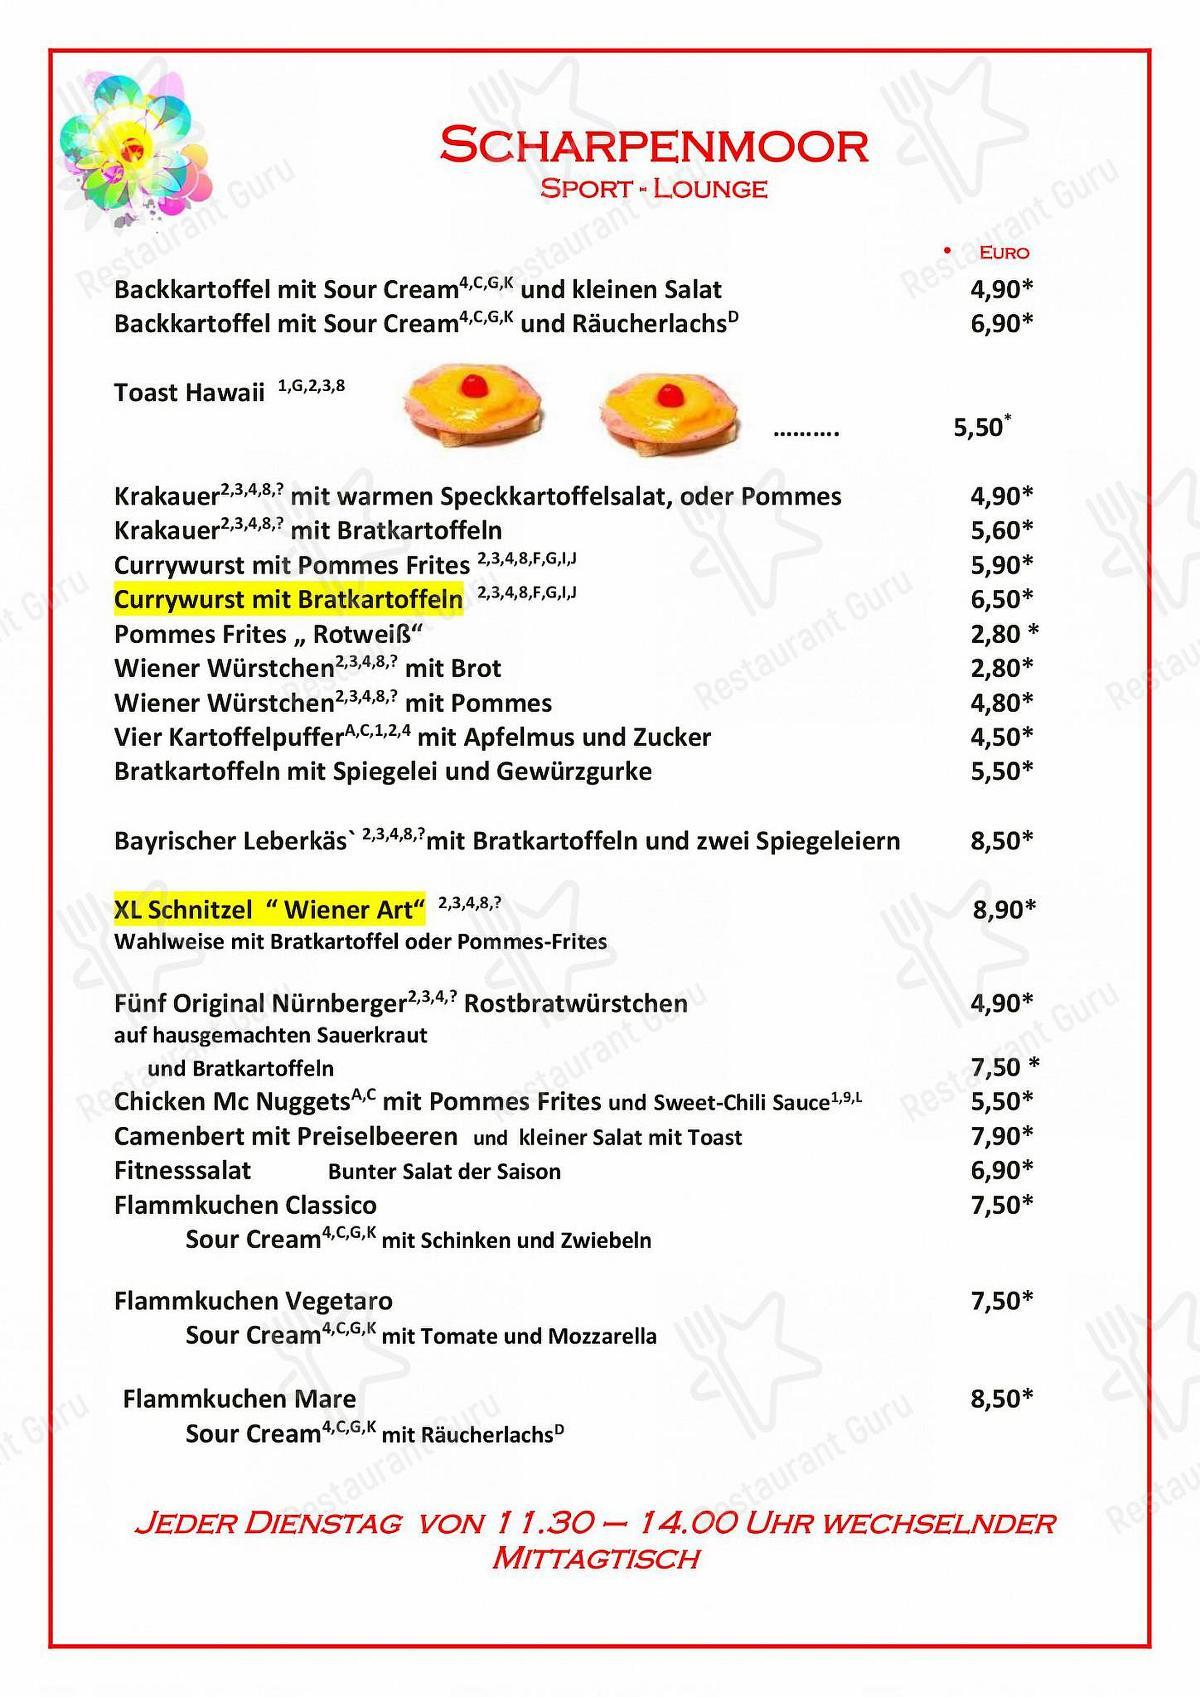 Carta de Restaurant Pizzeria Scharpenmoor - comidas y bebidas